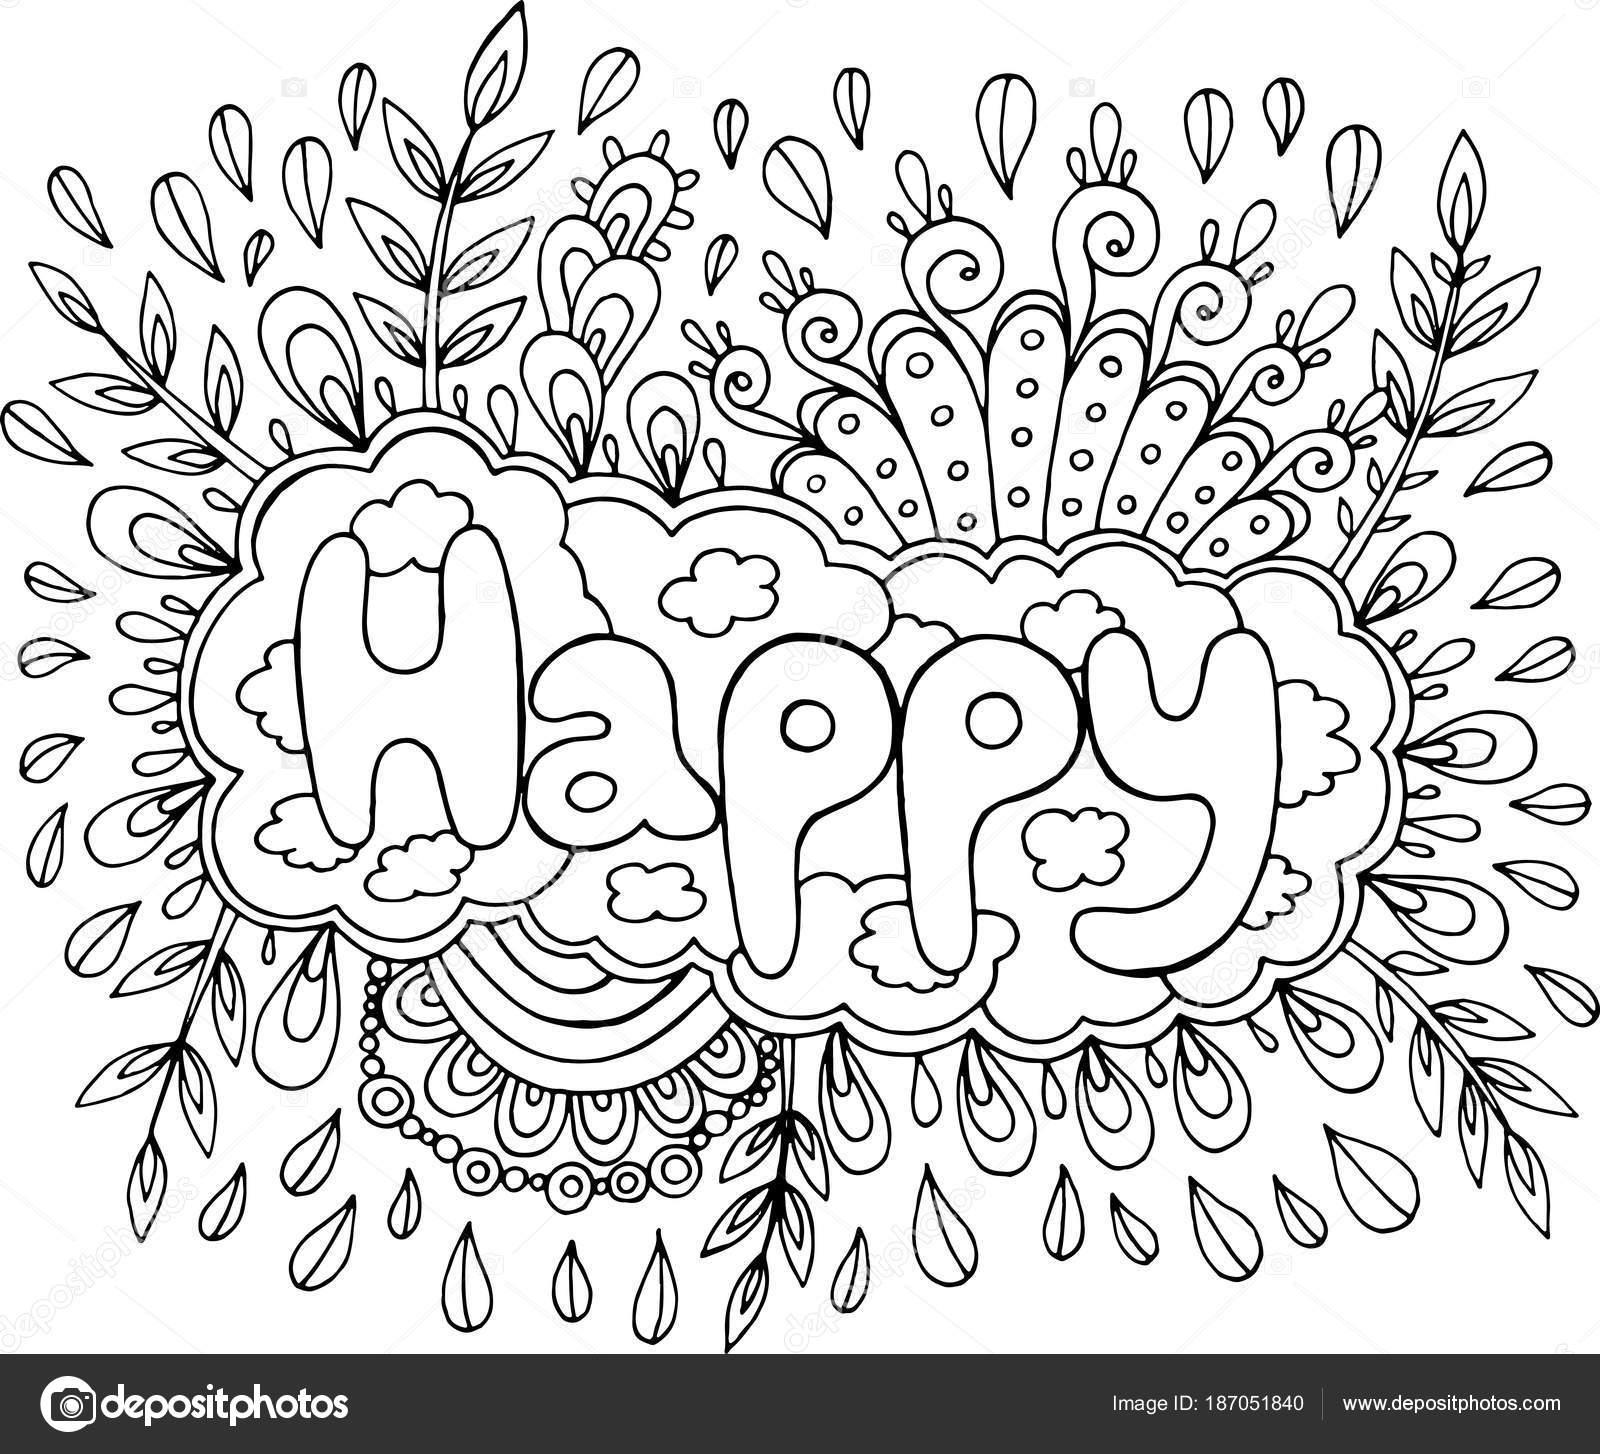 Kleurplaten Voor Volwassenen Met Tekst.Kleurplaat Voor Volwassenen Met Mandala En Gelukkig Word Doodle